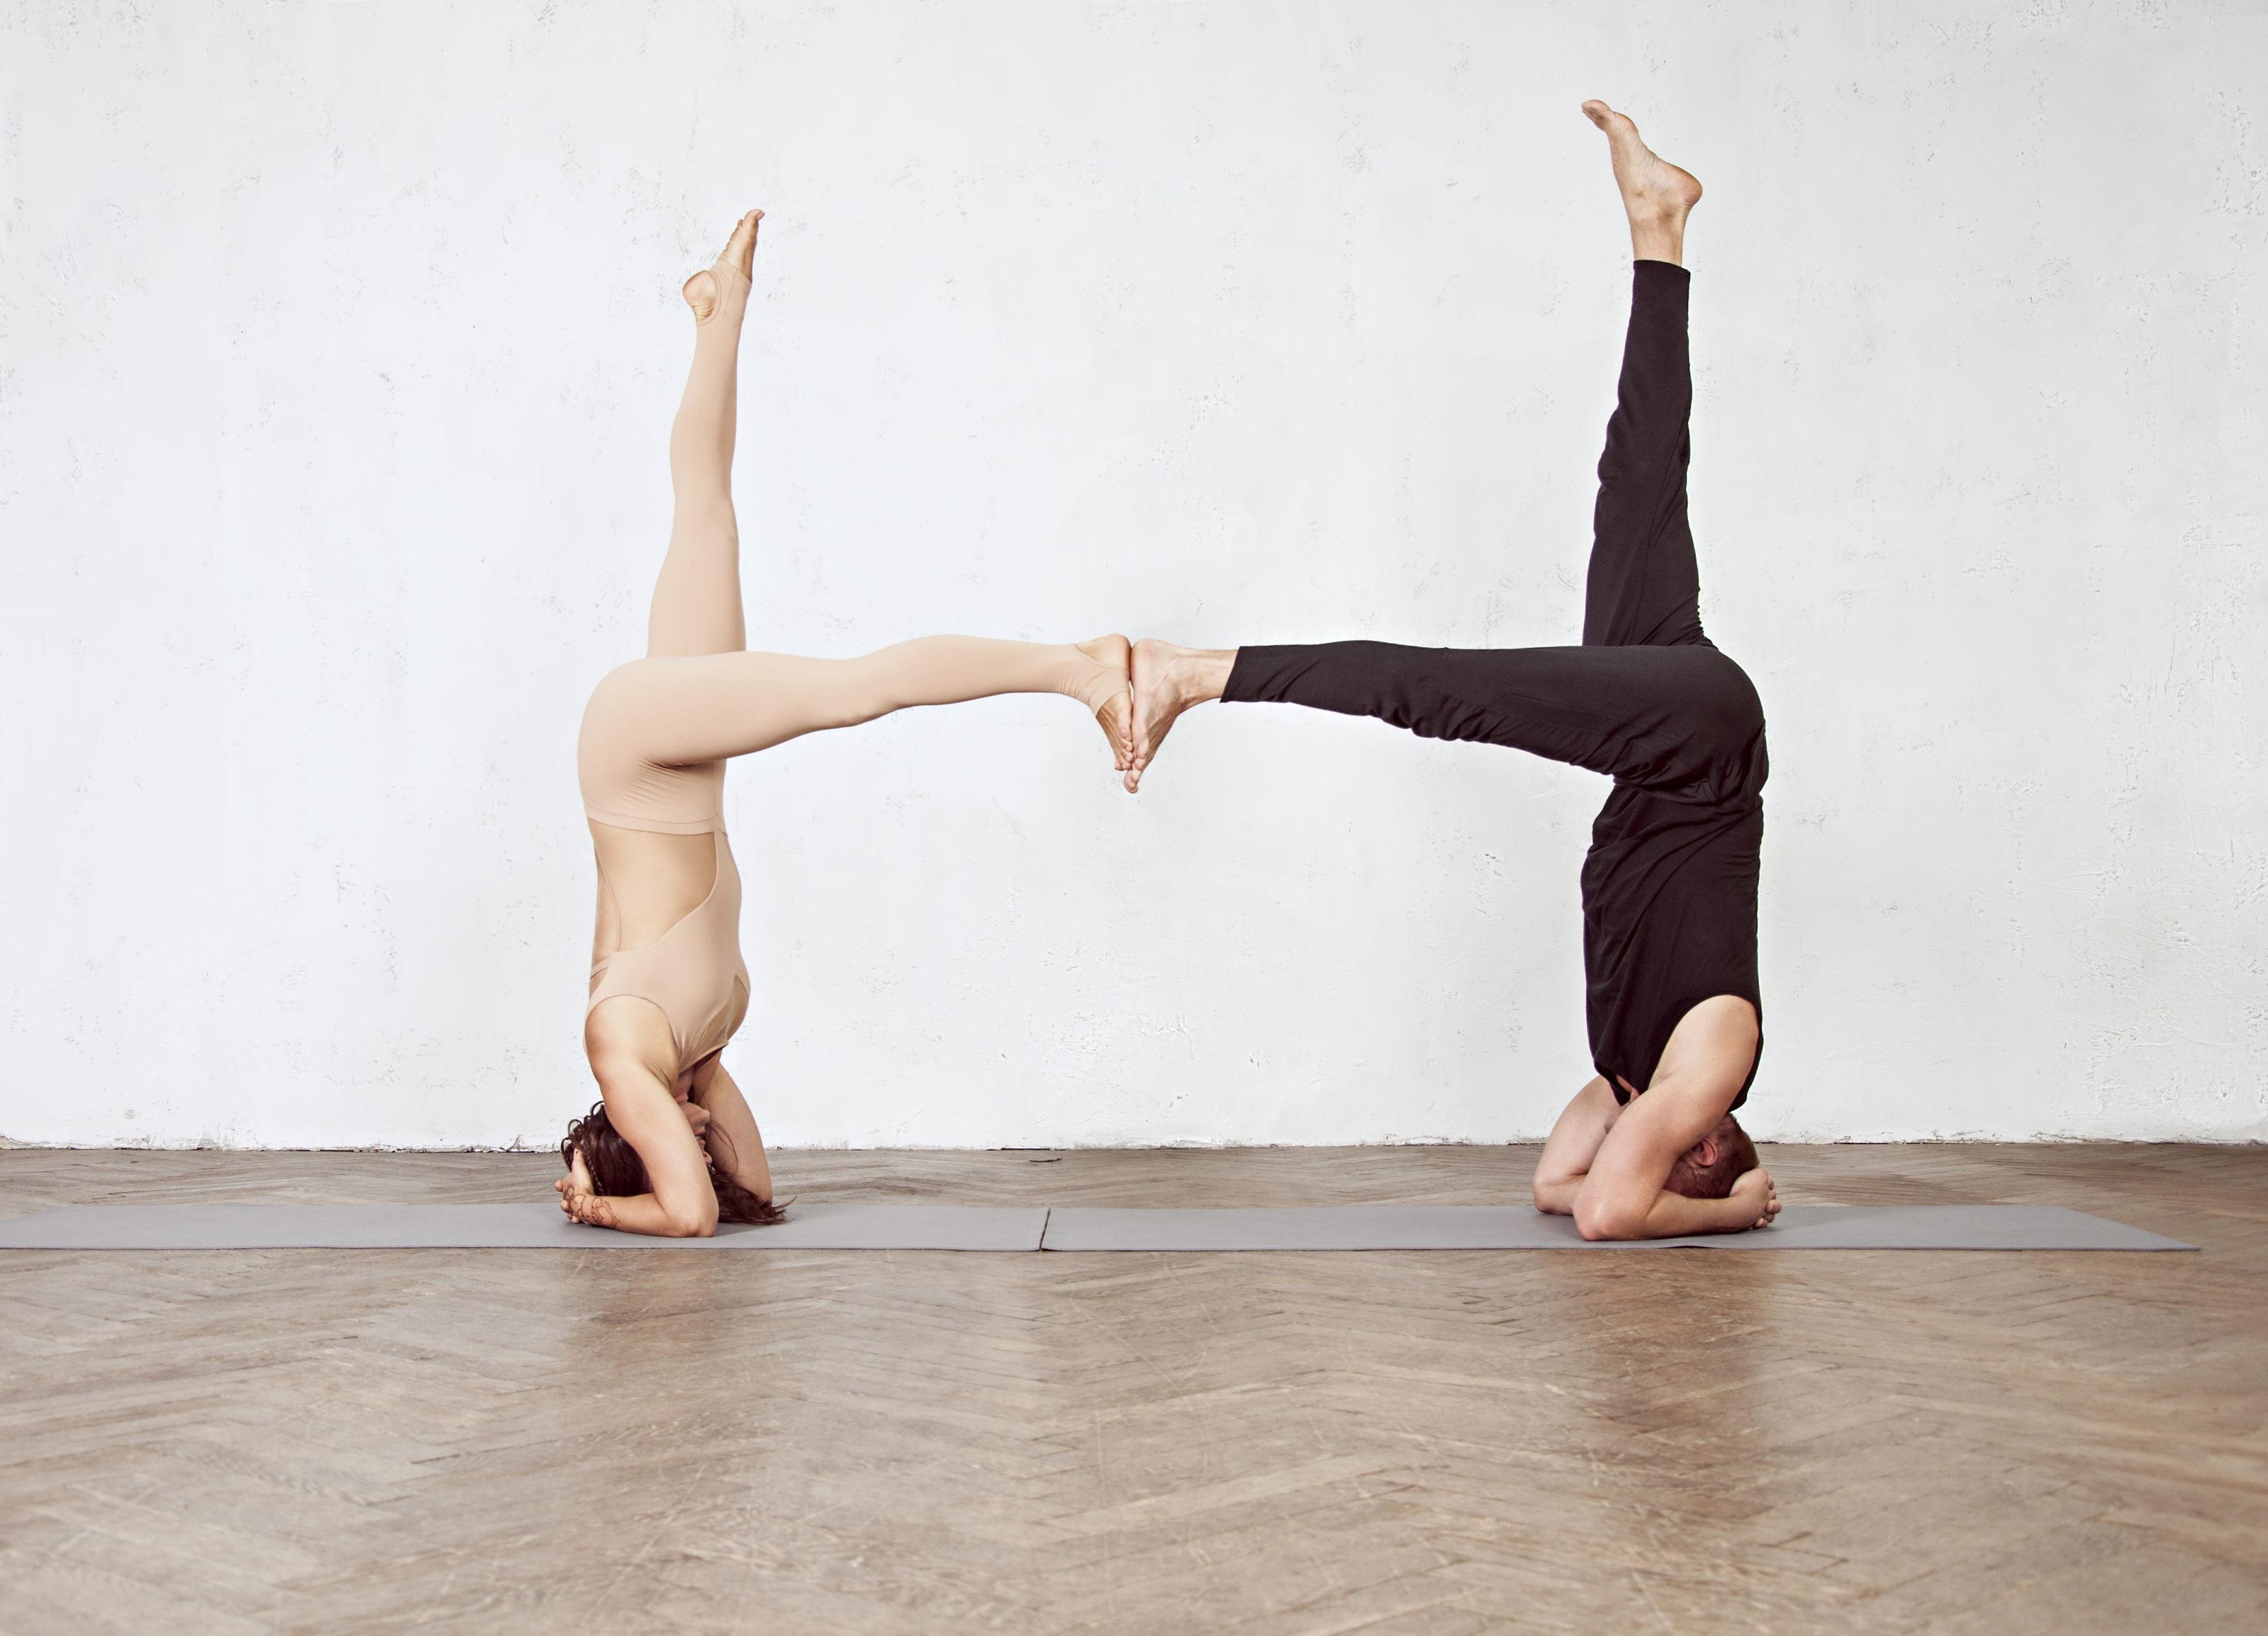 йога - это не только выполнение асан